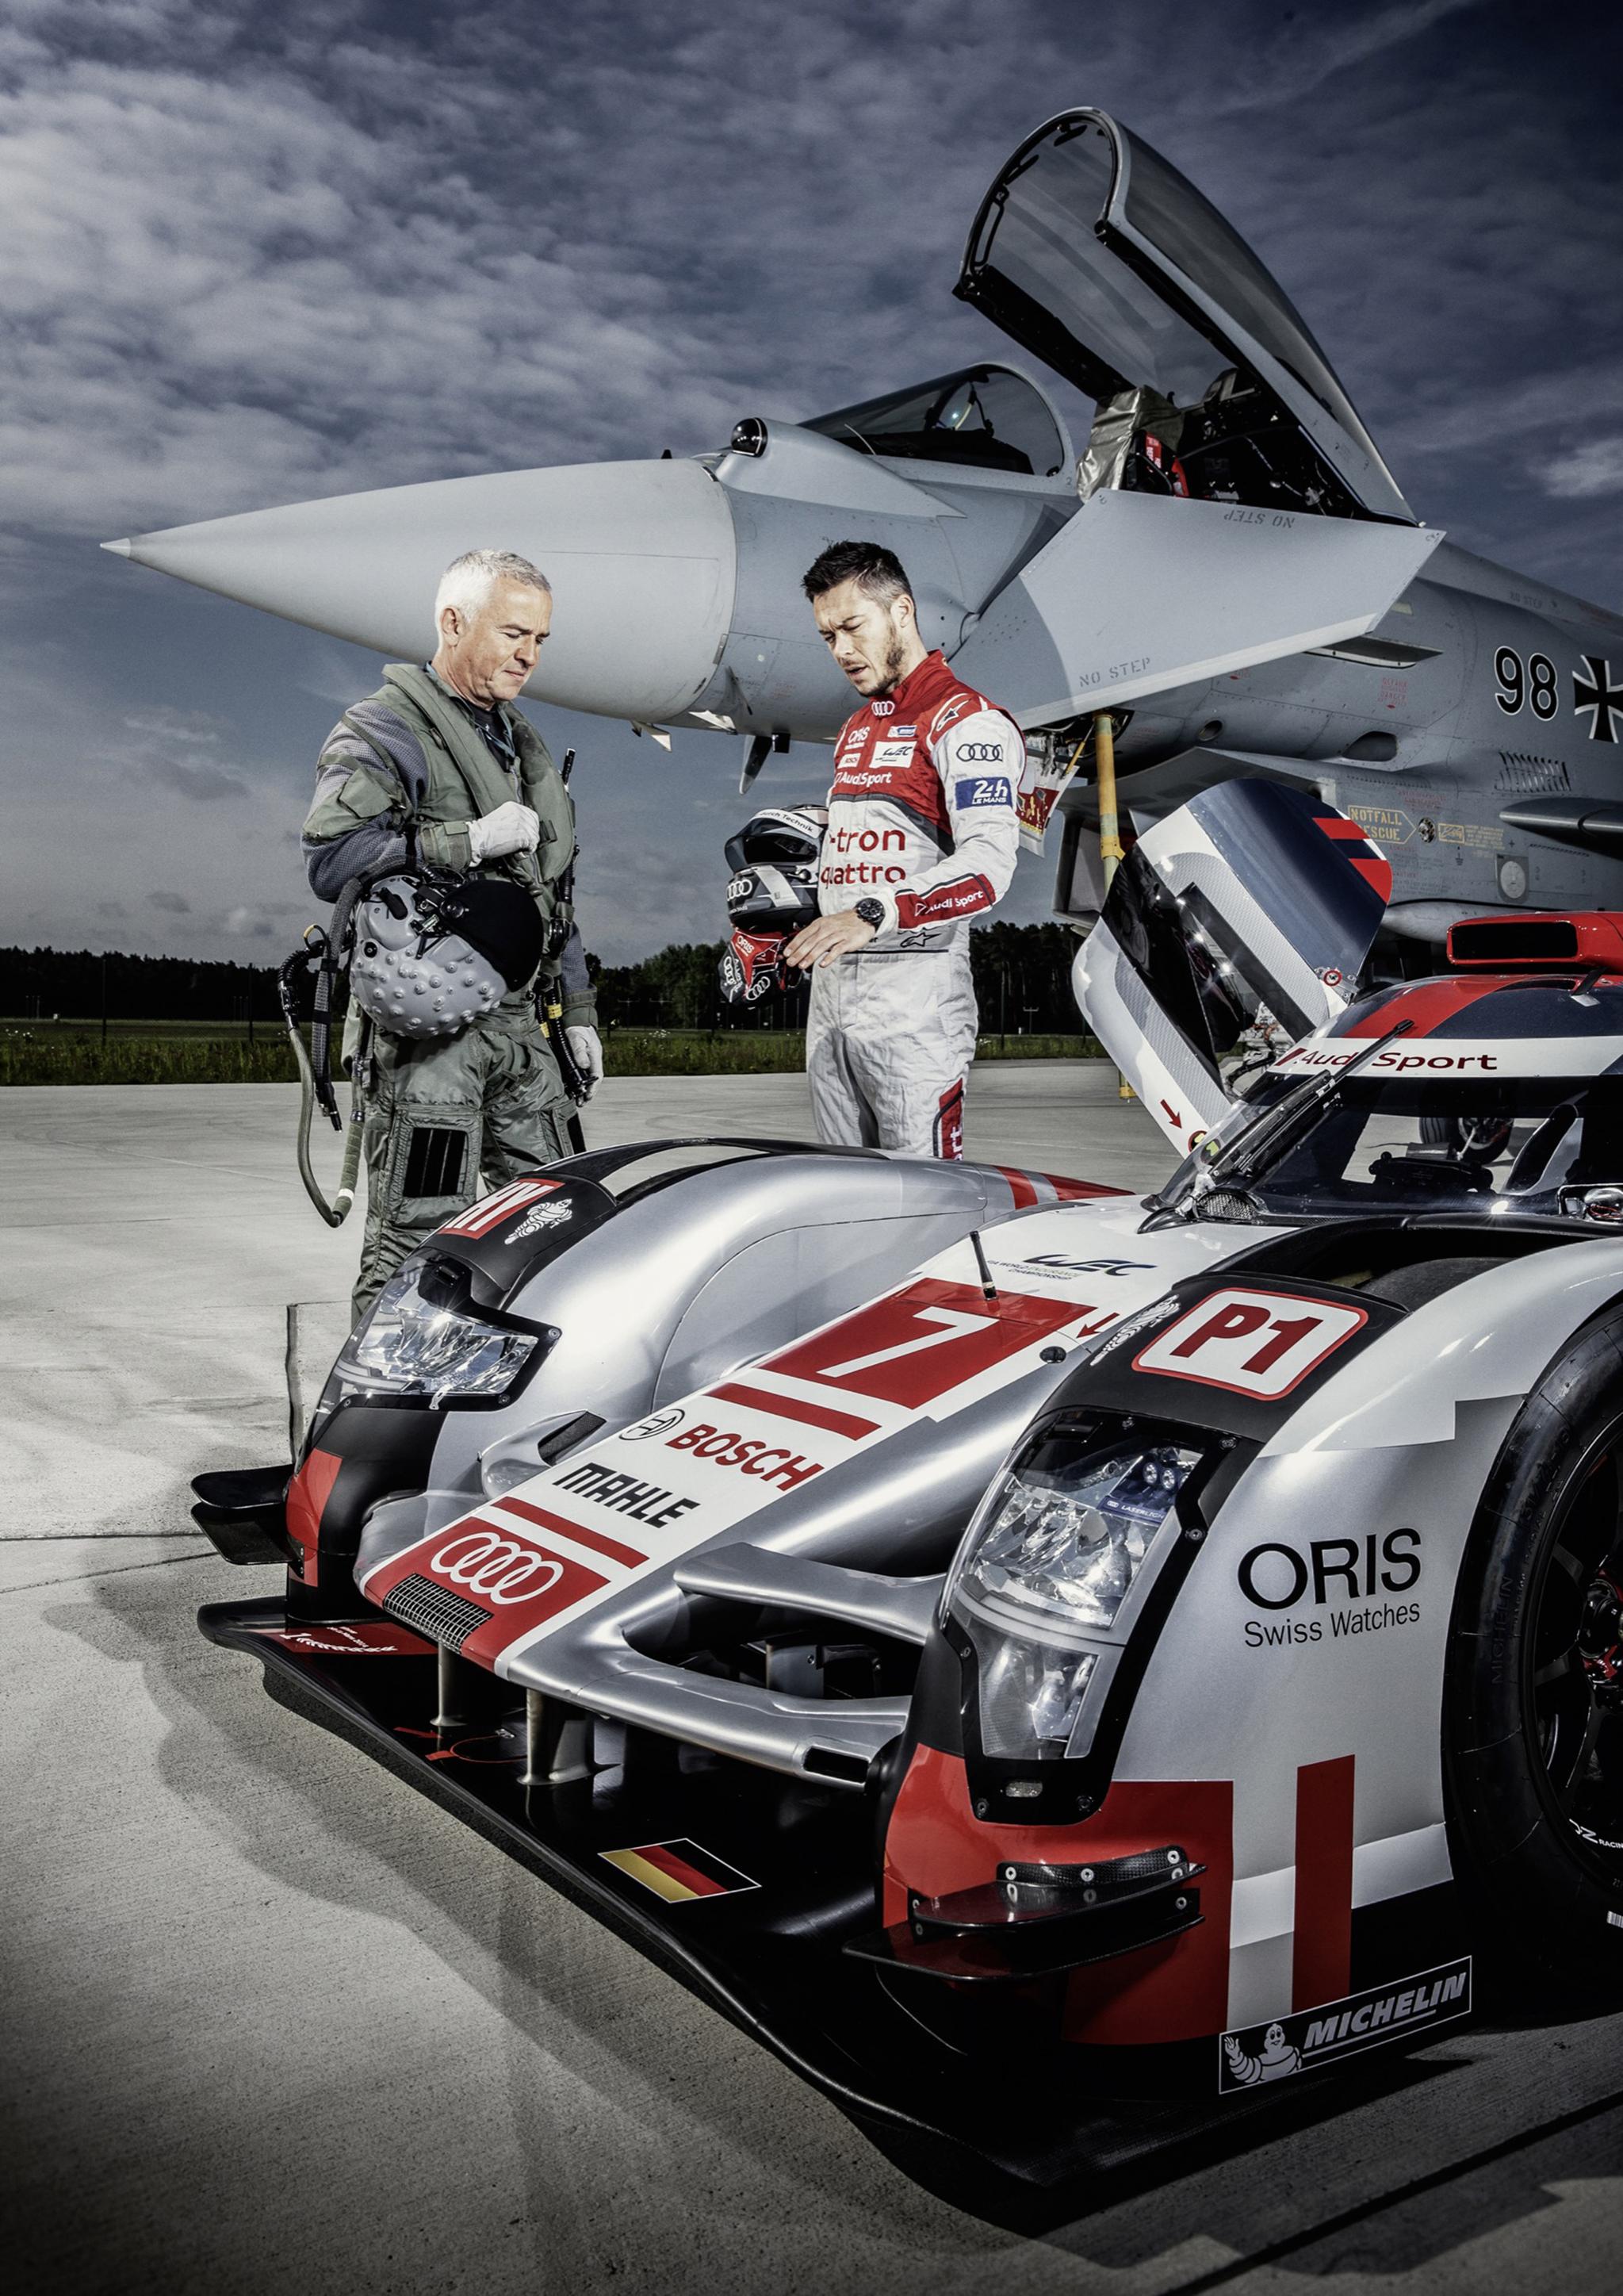 Dos colosos de la velocidad: el Audi R18 e-tron quattro y el Eurofighter Typhoon